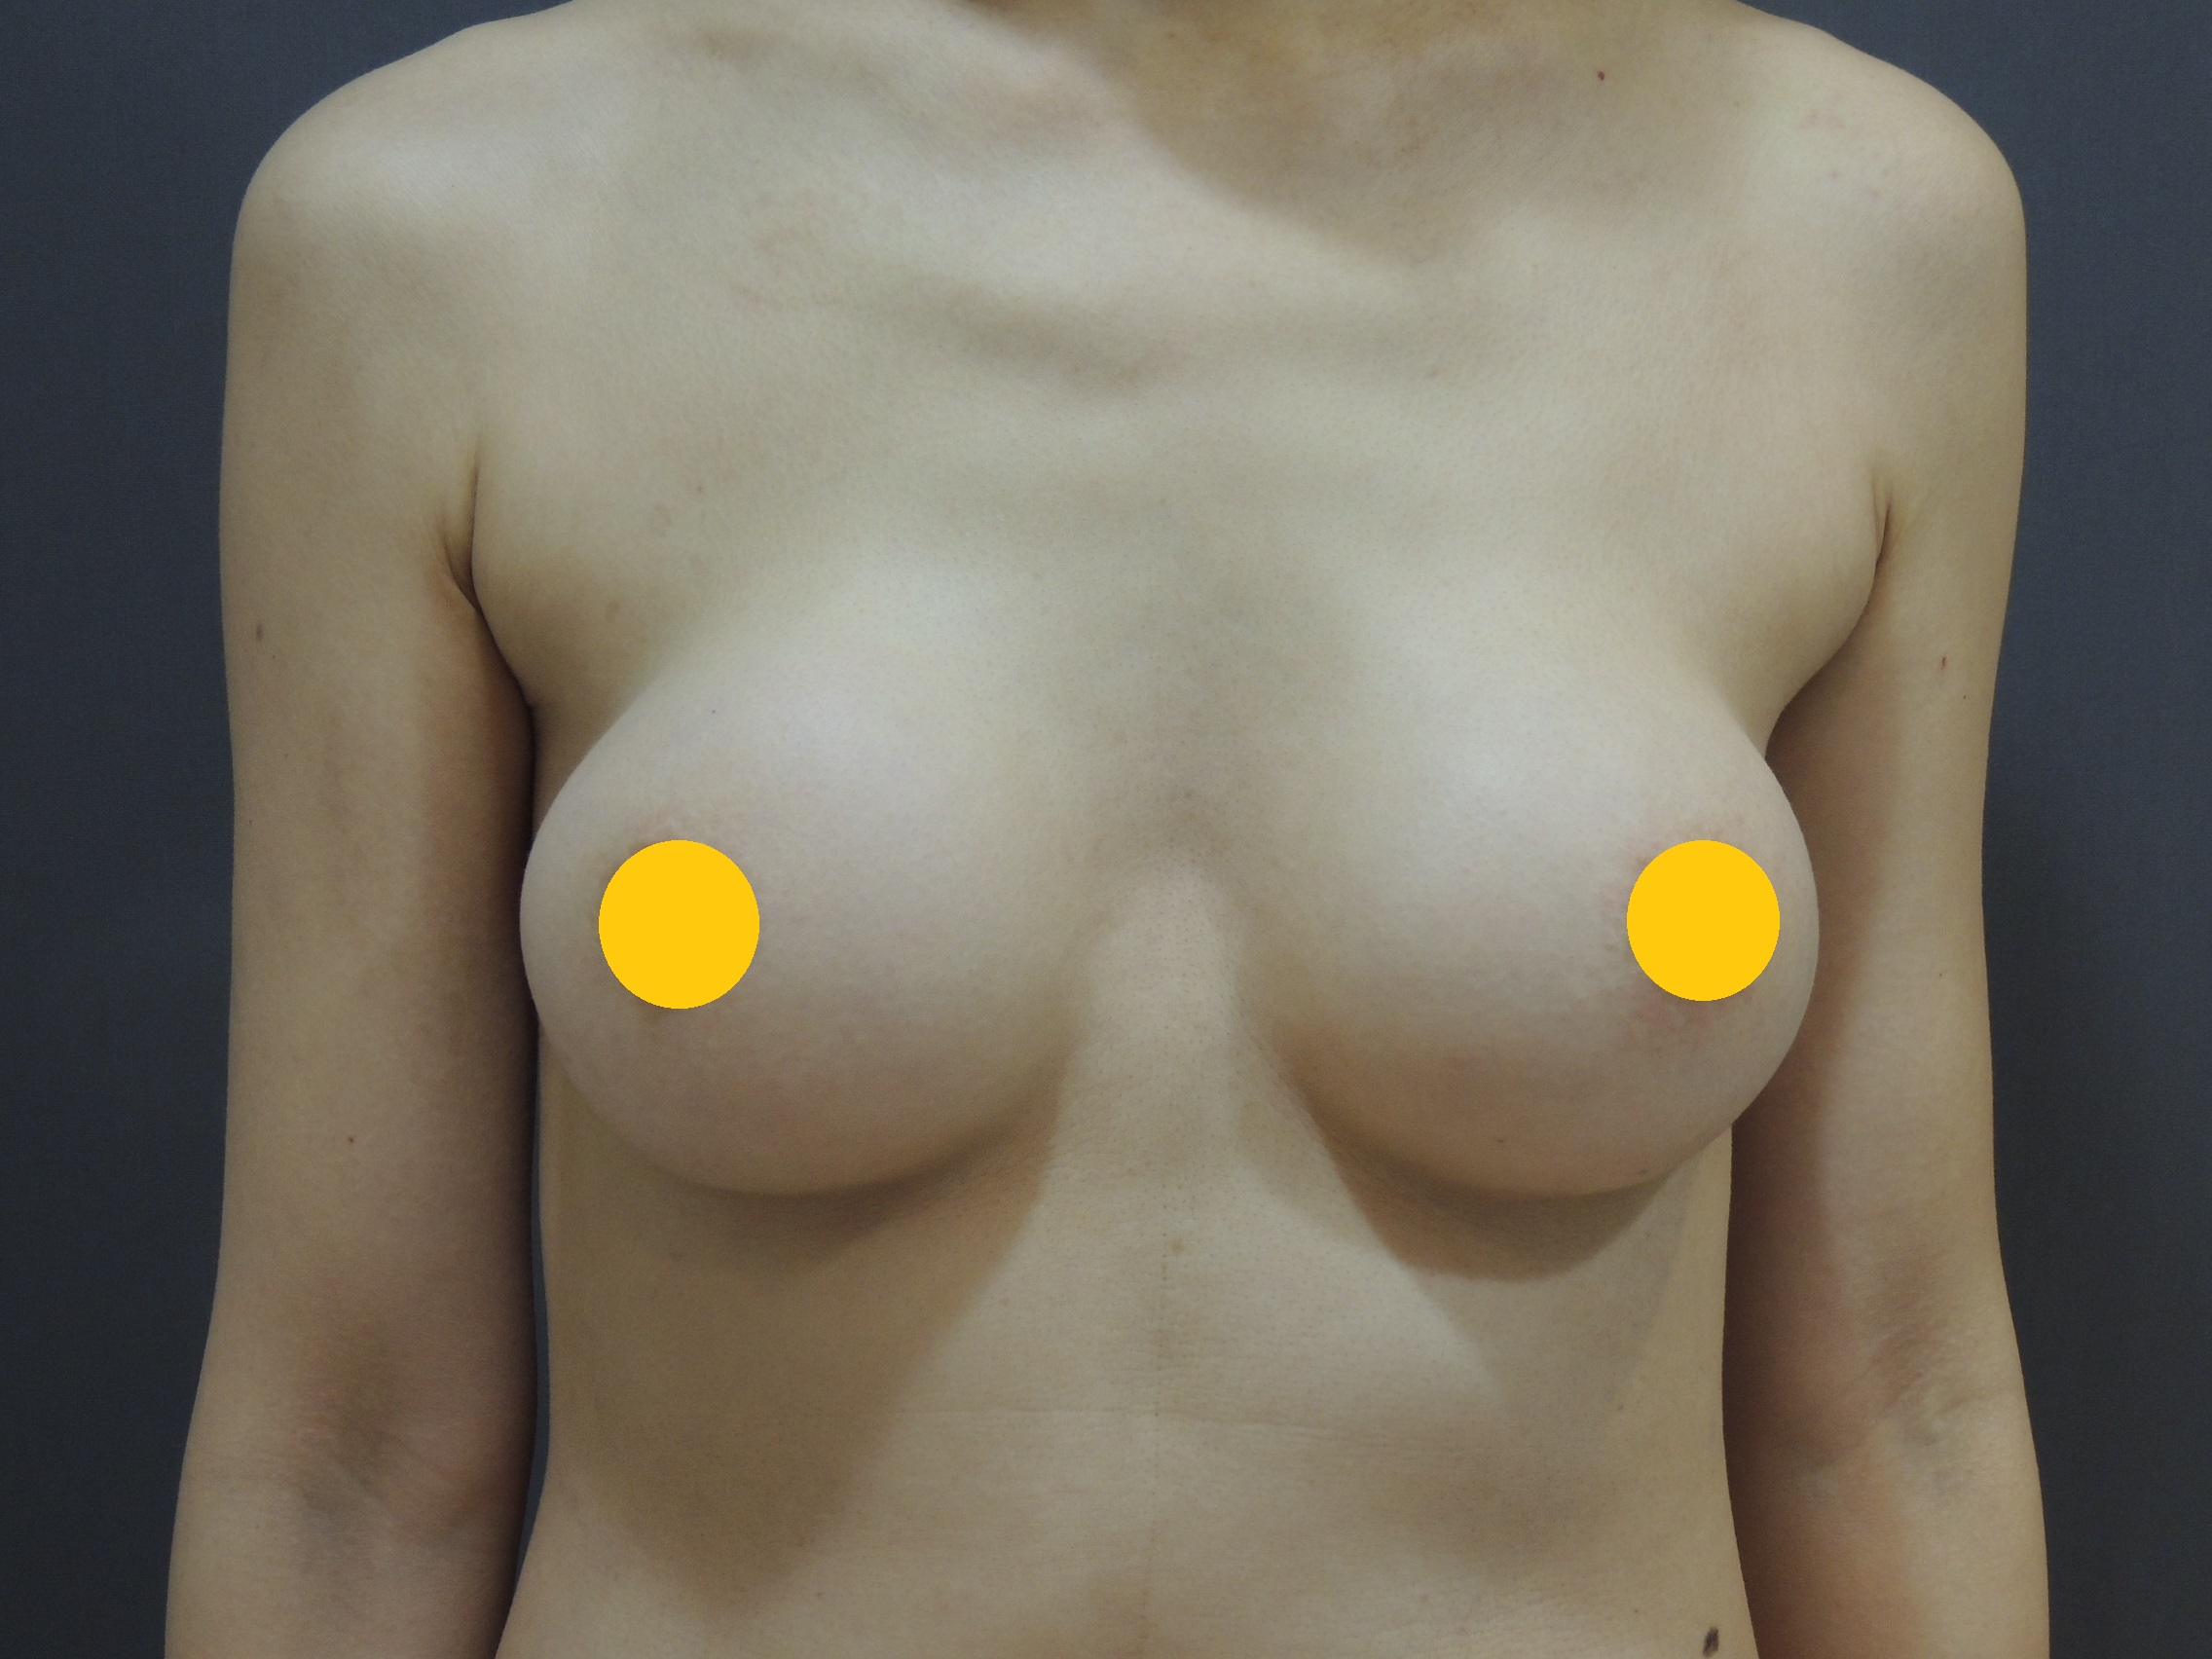 莢膜攣縮, 莢膜鈣化